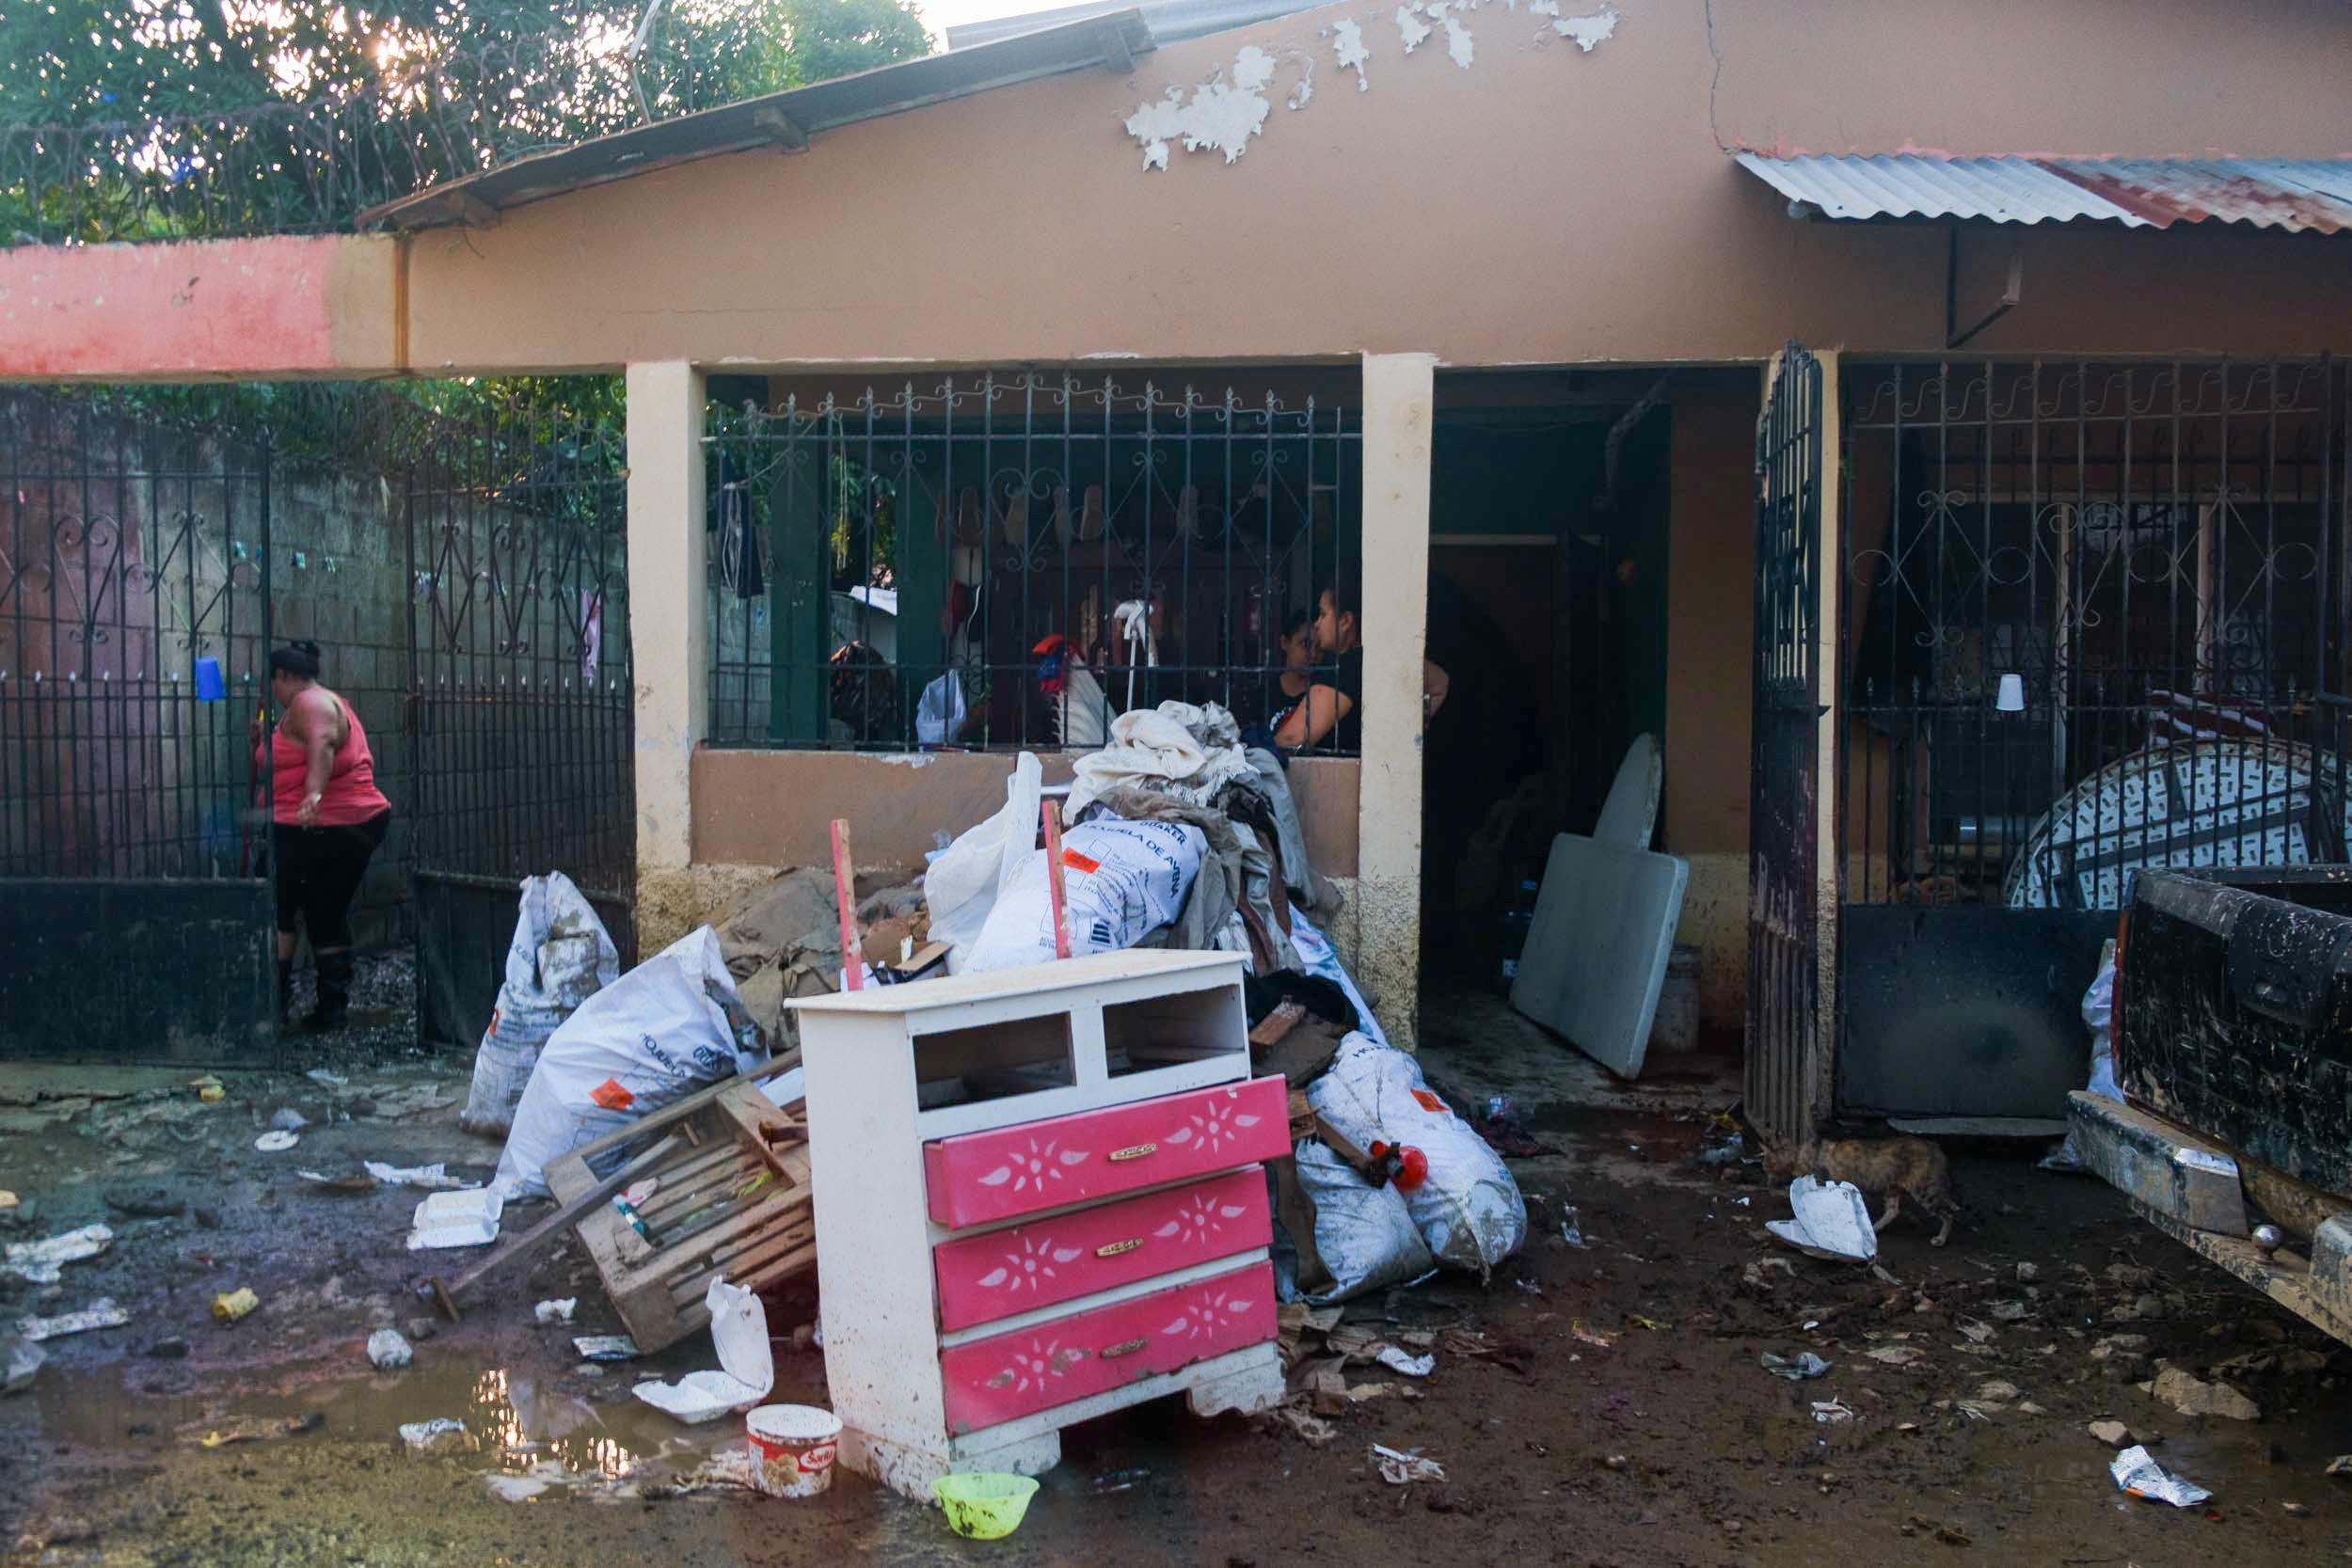 En la colonia Sabillón, unas vecinas sacan los escombros y el lodo que la inundación dejó en sus casas. San Pedro Sula, 10 de noviembre de 2020, Foto, Deiby Yanes.